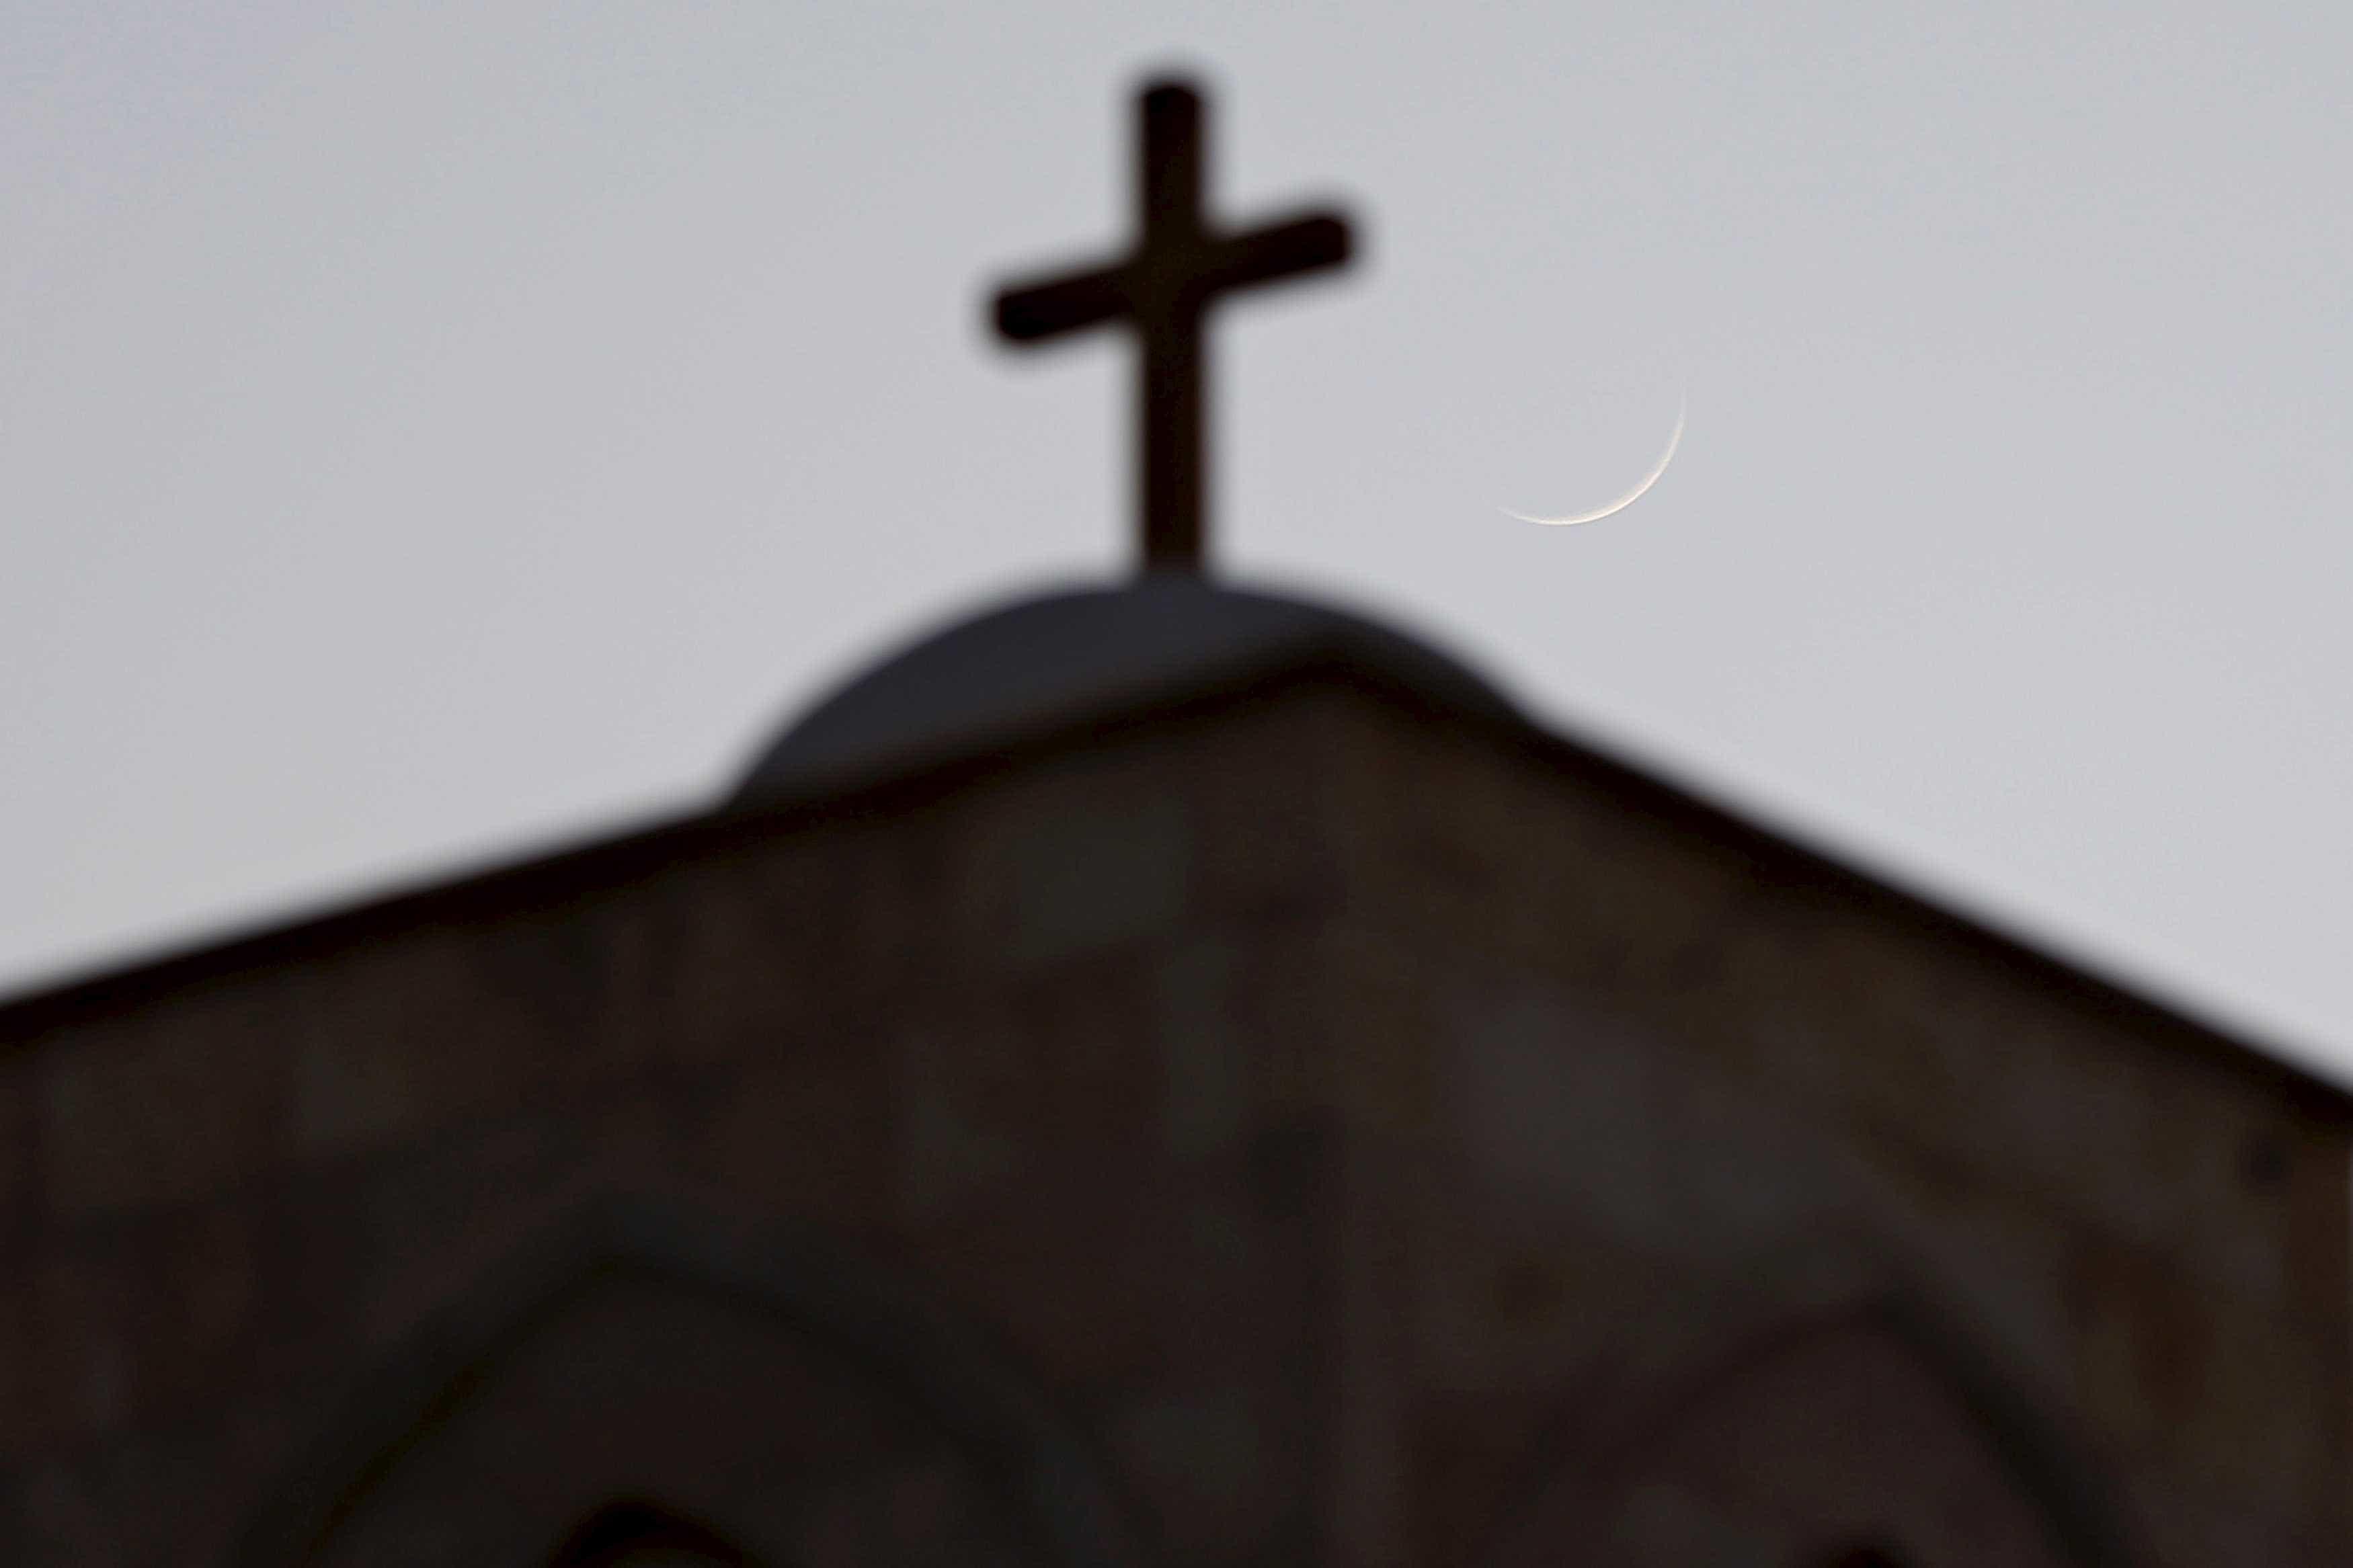 Igreja Católica é acusada de encobrir pedofilia na Holanda